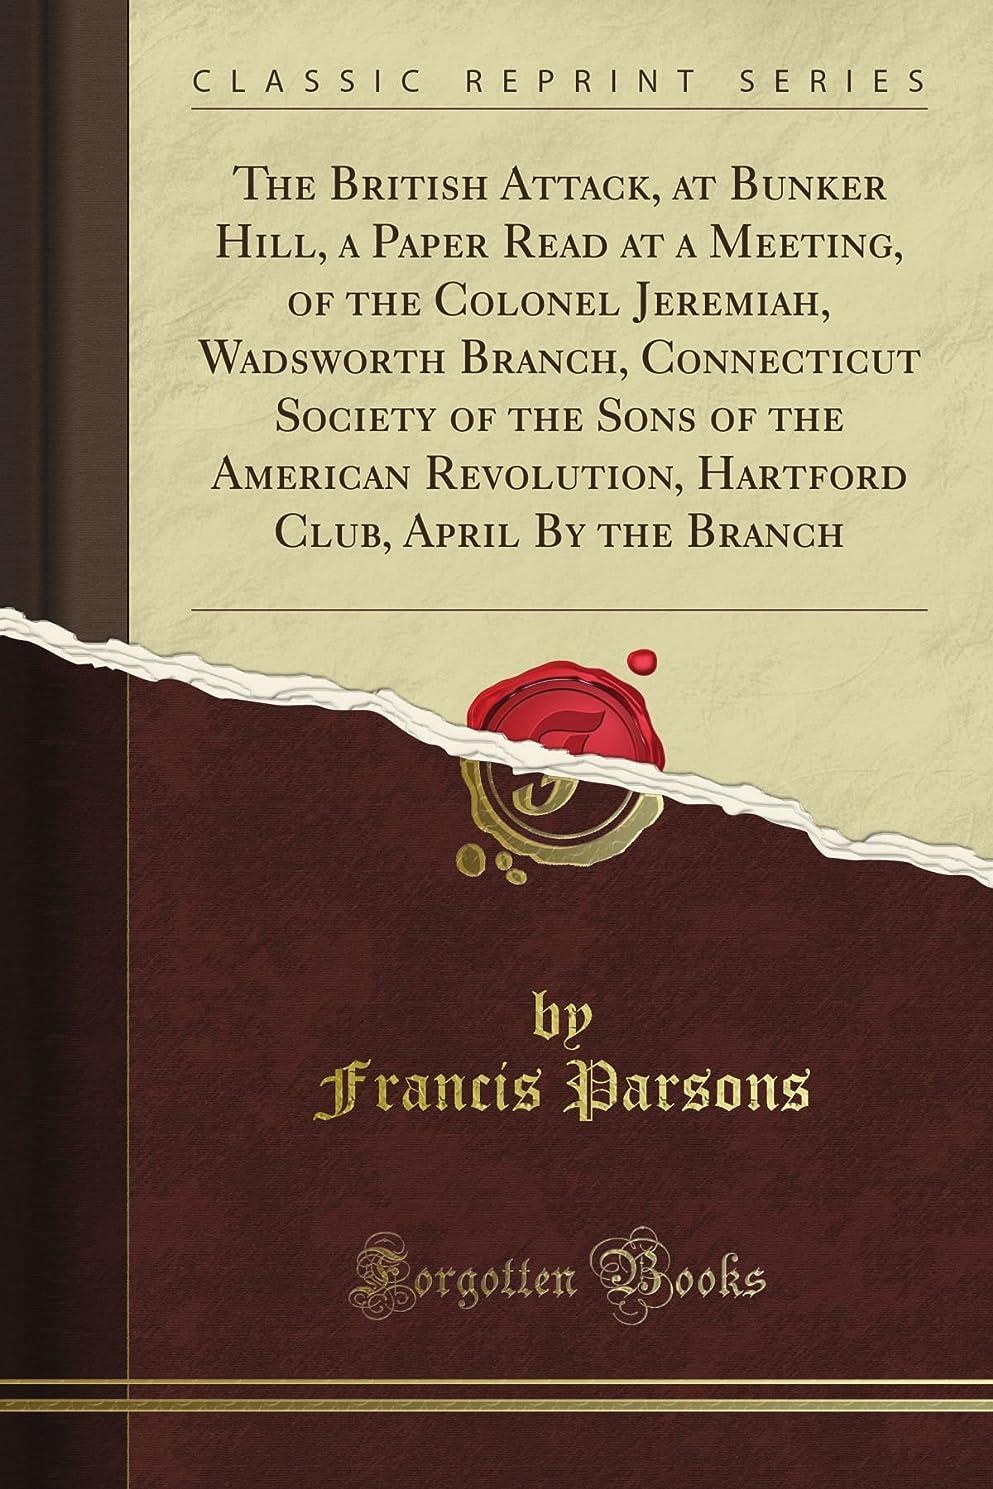 製造業厳しい概念The British Attack, at Bunker Hill, a Paper Read at a Meeting, of the Colonel Jeremiah, Wadsworth Branch, Connecticut Society of the Sons of the American Revolution, Hartford Club, April By the Branch (Classic Reprint)